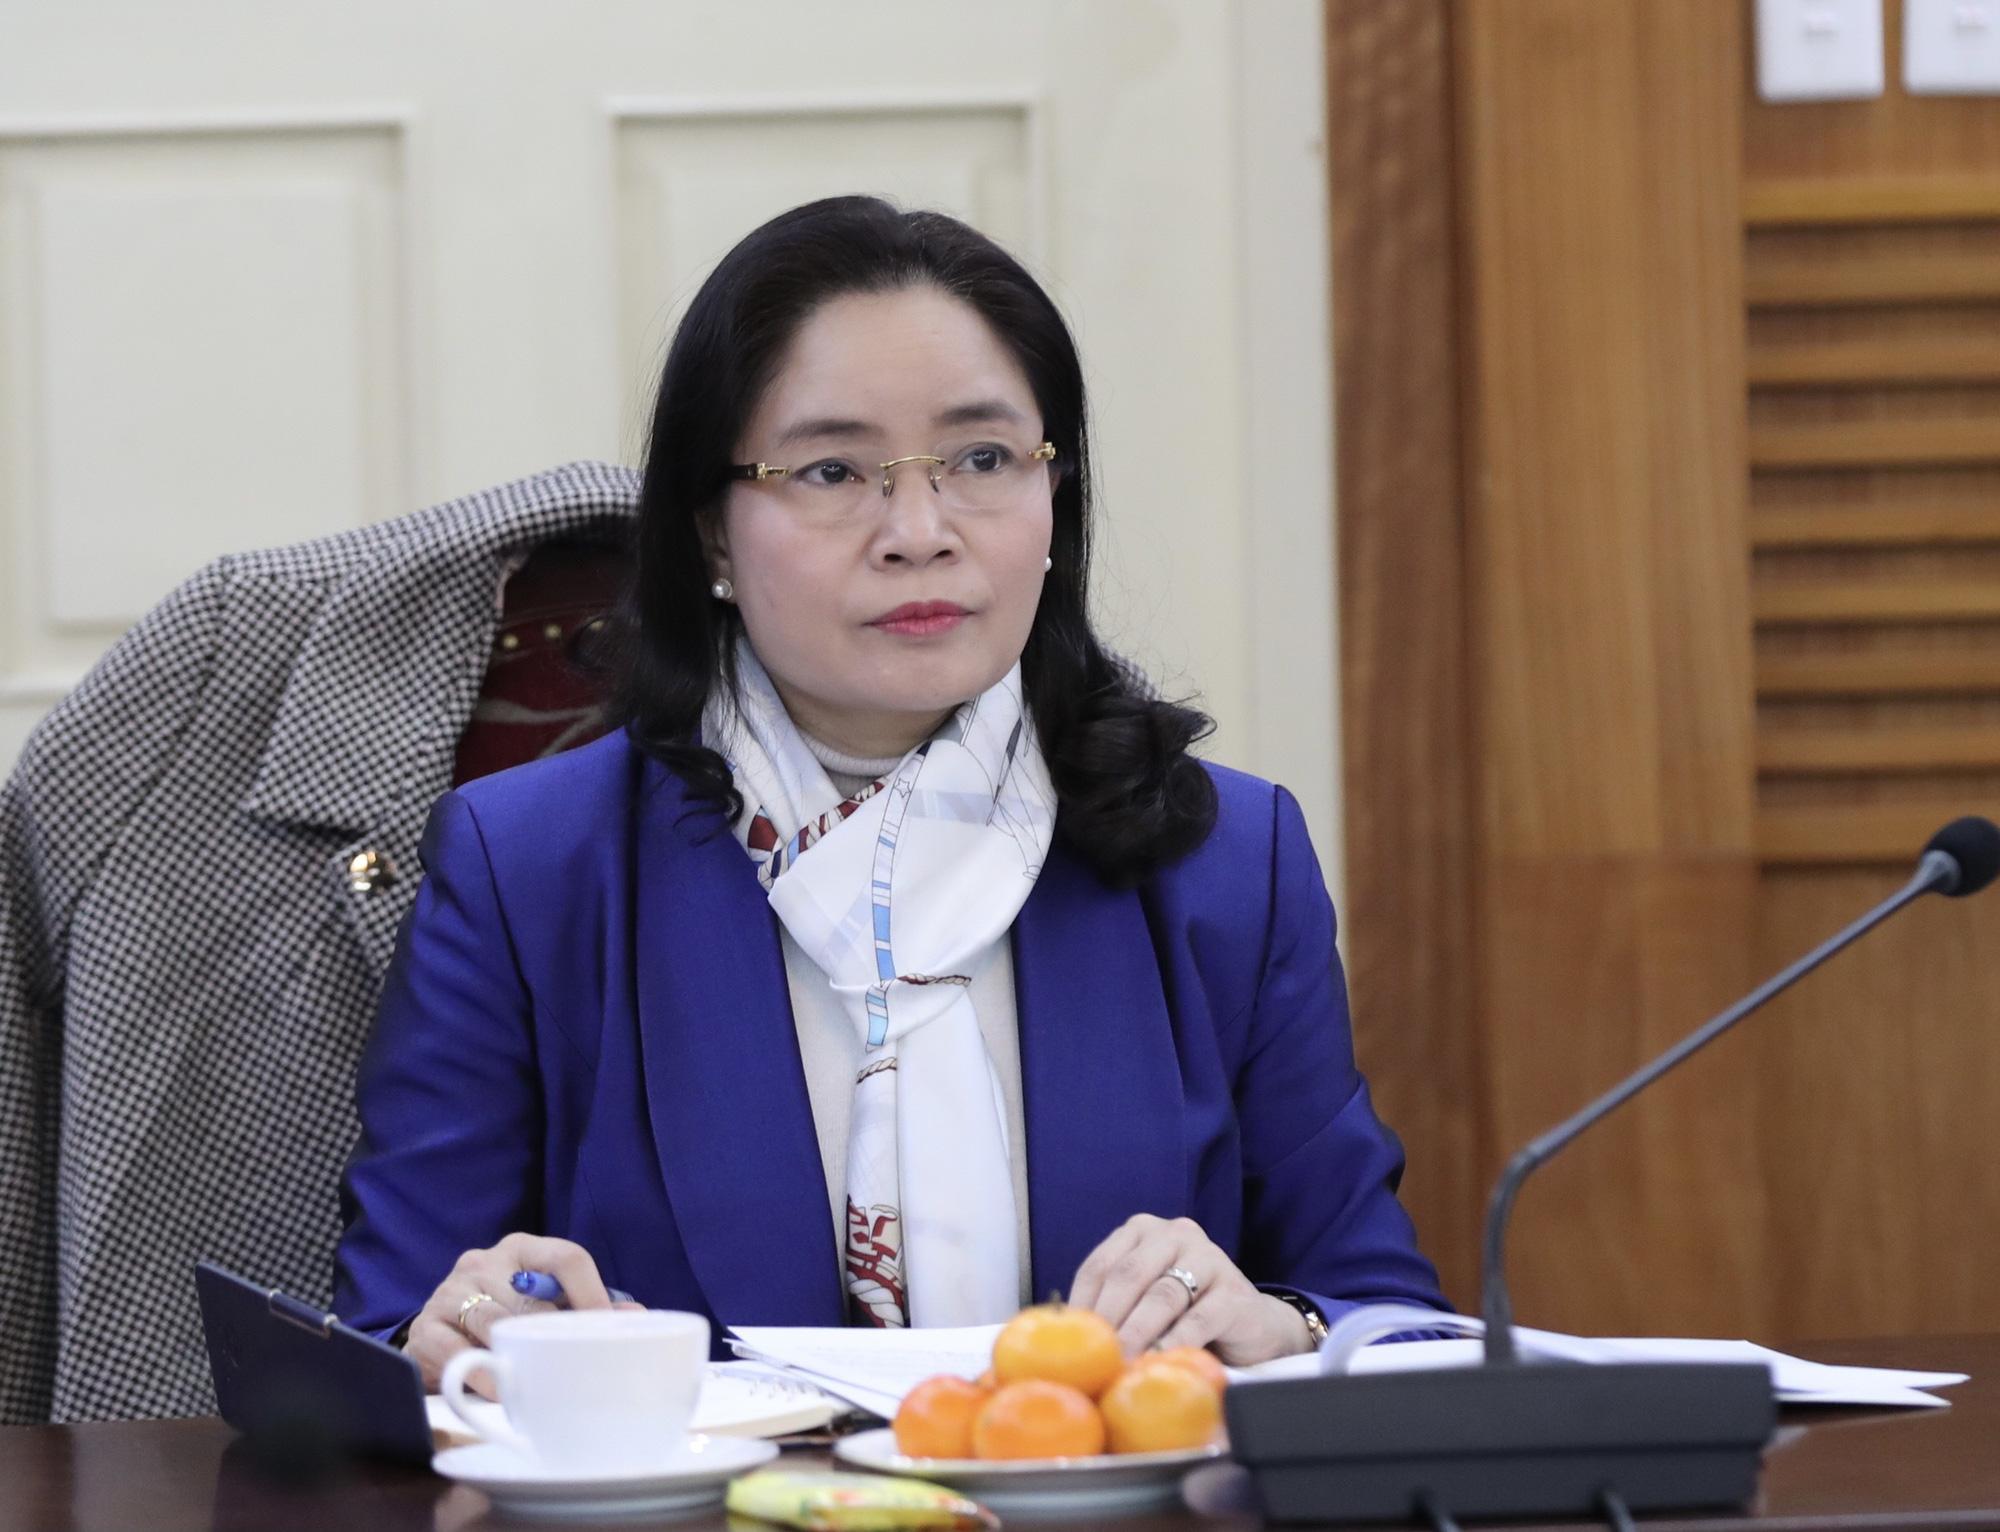 Tiểu ban Văn hóa (Ủy ban Quốc gia UNESCO Việt Nam) họp tổng kết công tác năm 2020 và trao đổi định hướng công tác năm 2021 - Ảnh 2.